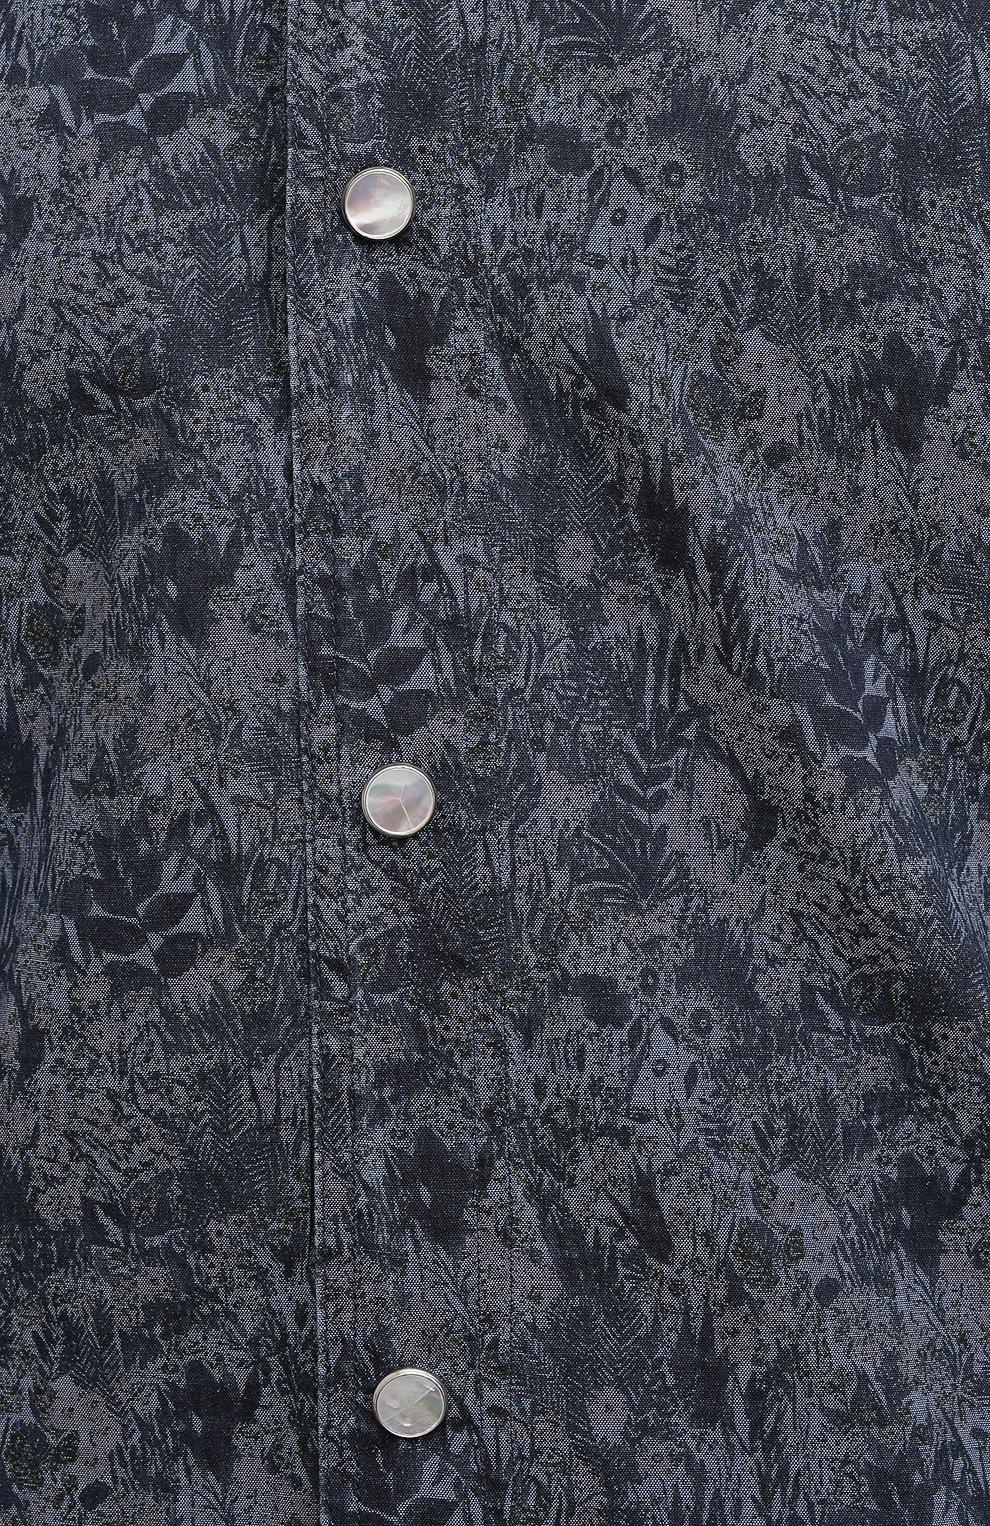 Мужская хлопковая рубашка KITON темно-синего цвета, арт. UMCMARH0767305 | Фото 5 (Воротник: С капюшоном; Рукава: Длинные; Рубашки М: Regular Fit; Манжеты: На кнопках; Случай: Повседневный; Длина (для топов): Стандартные; Принт: С принтом; Материал внешний: Хлопок; Стили: Кэжуэл)